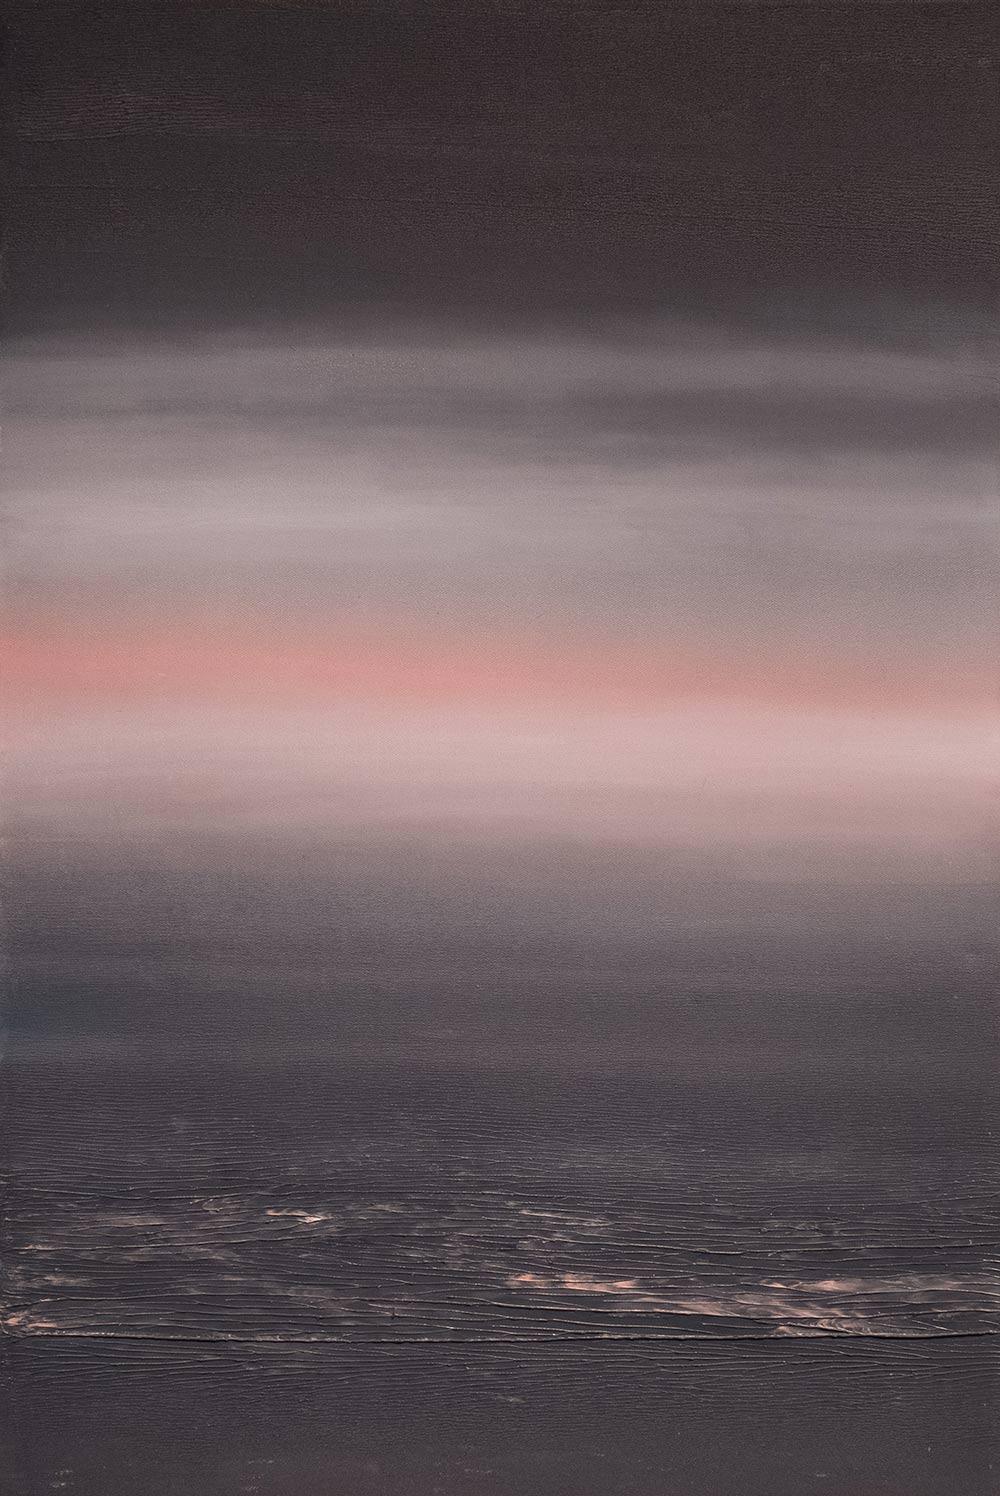 David-Joy-Seascapes-D19-013-42